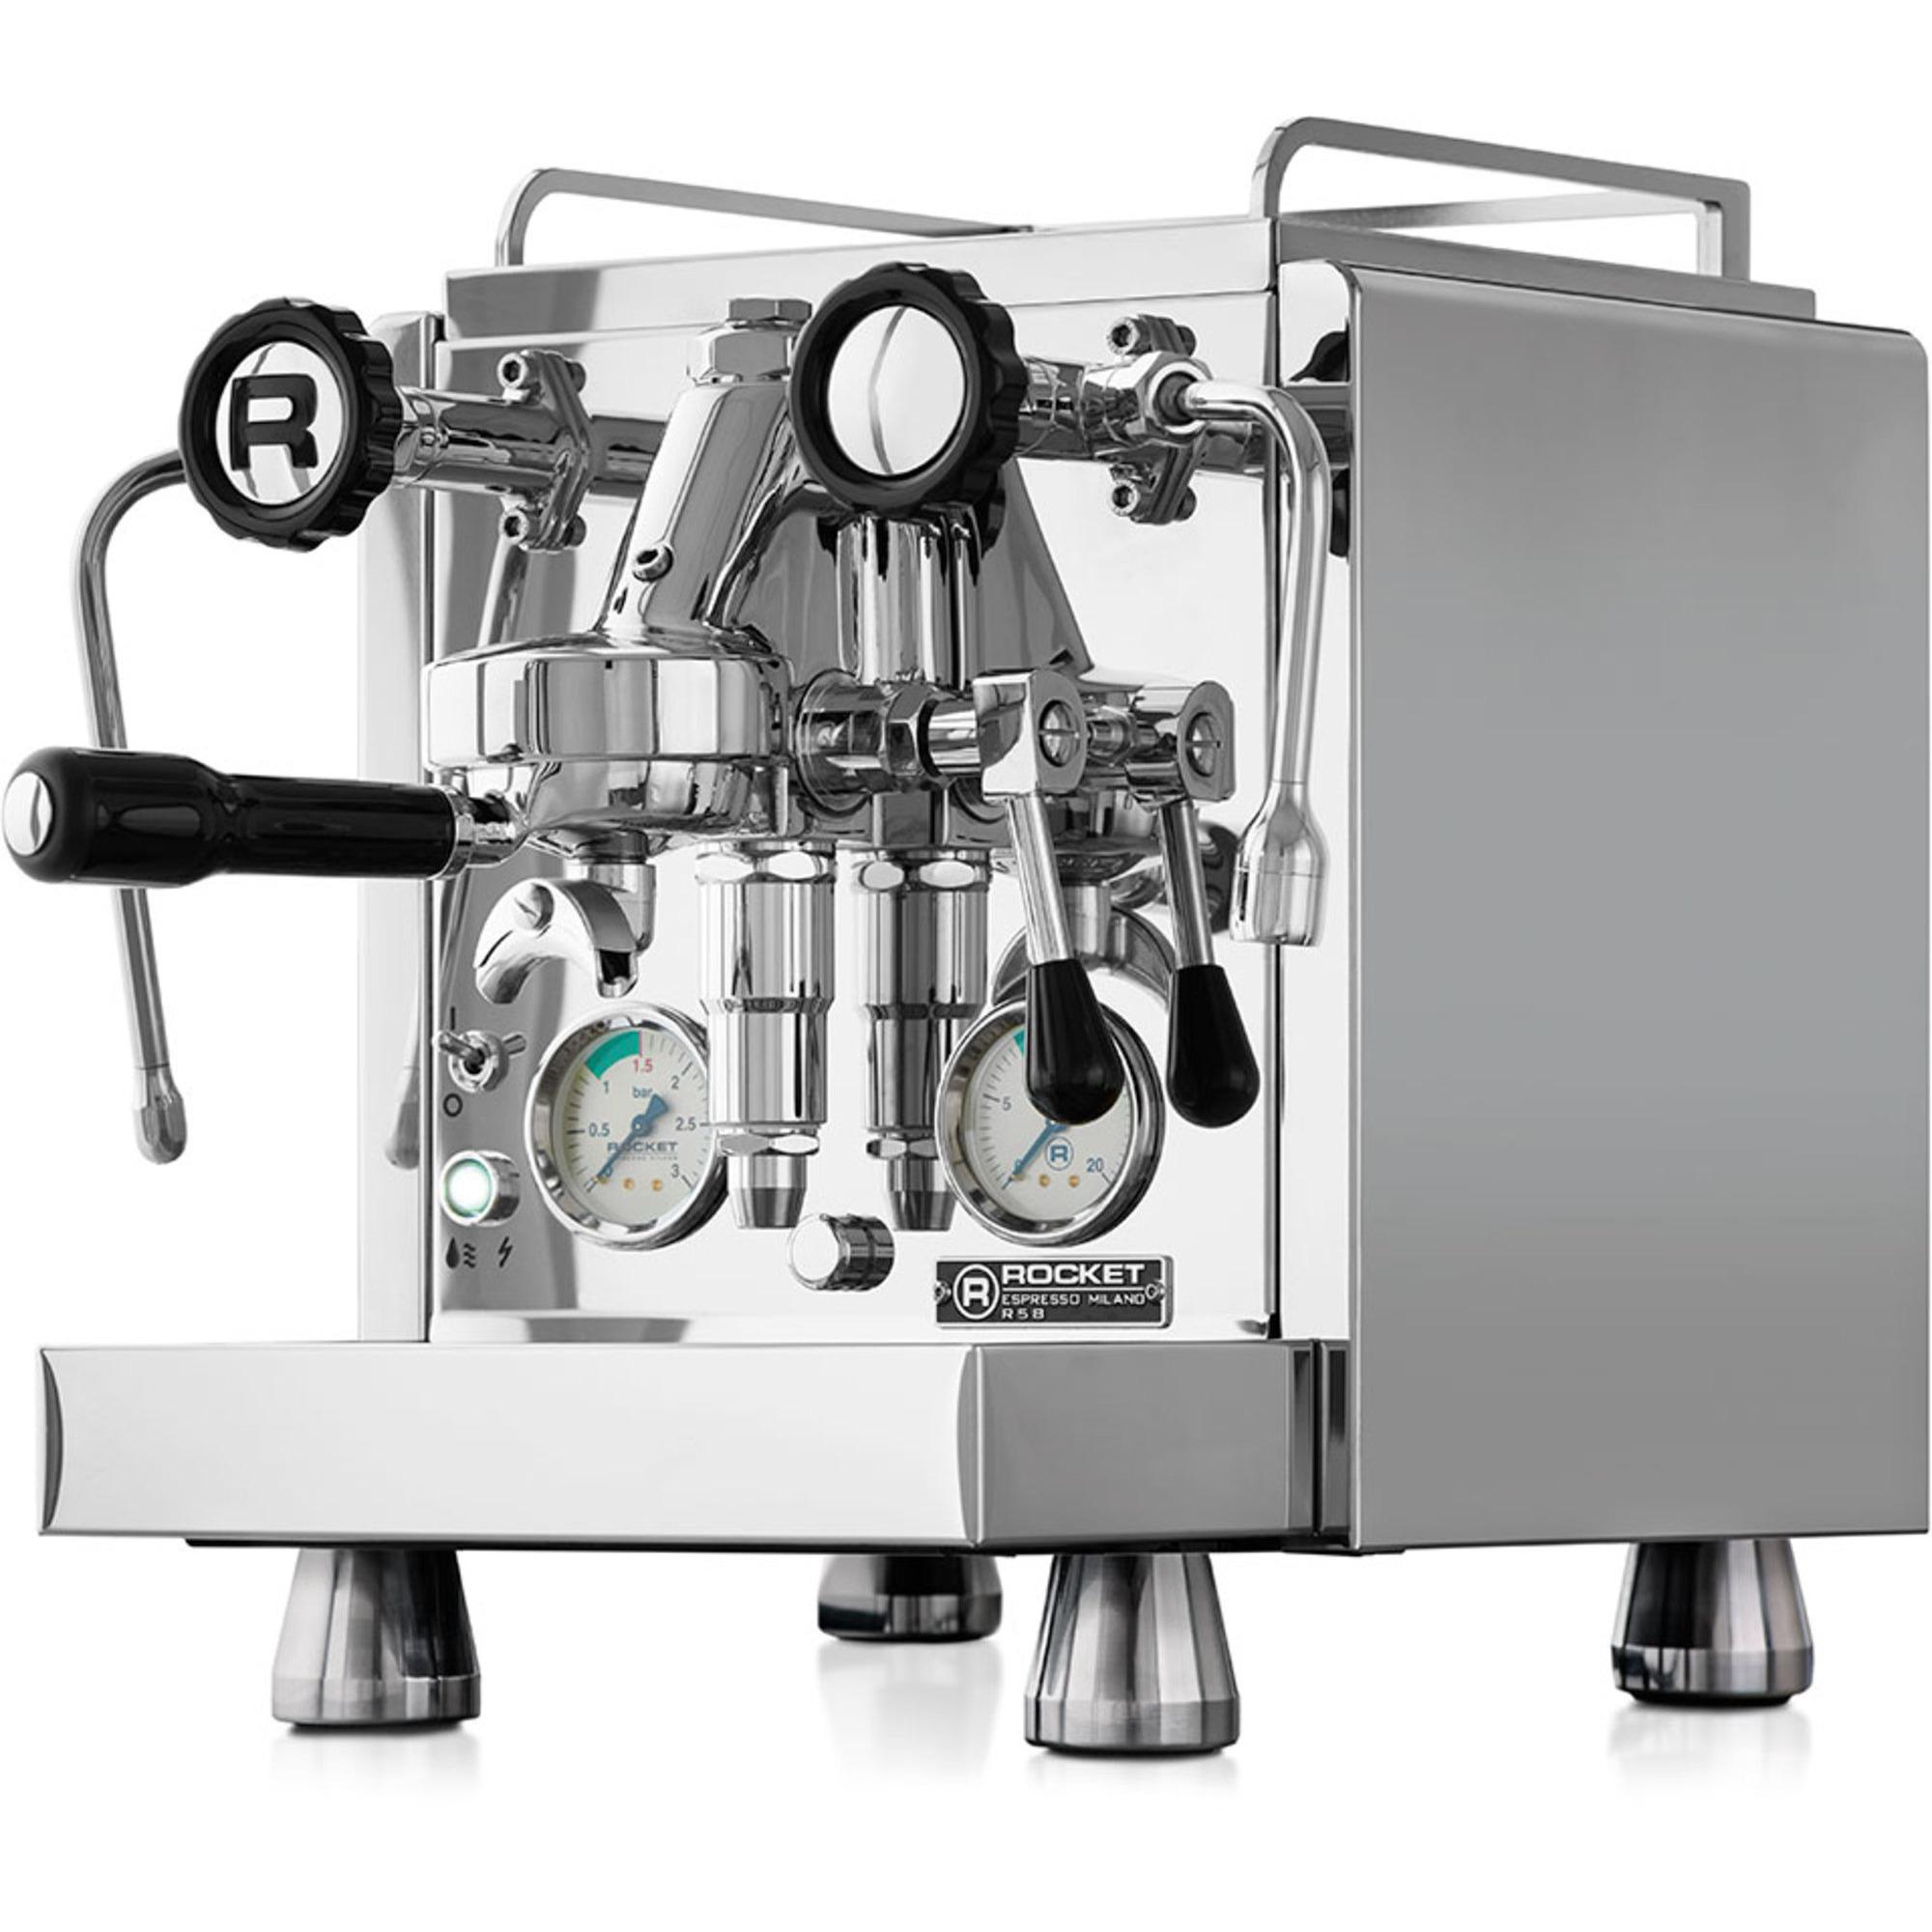 Rocket R 58 Espressomaskin Dual boiler